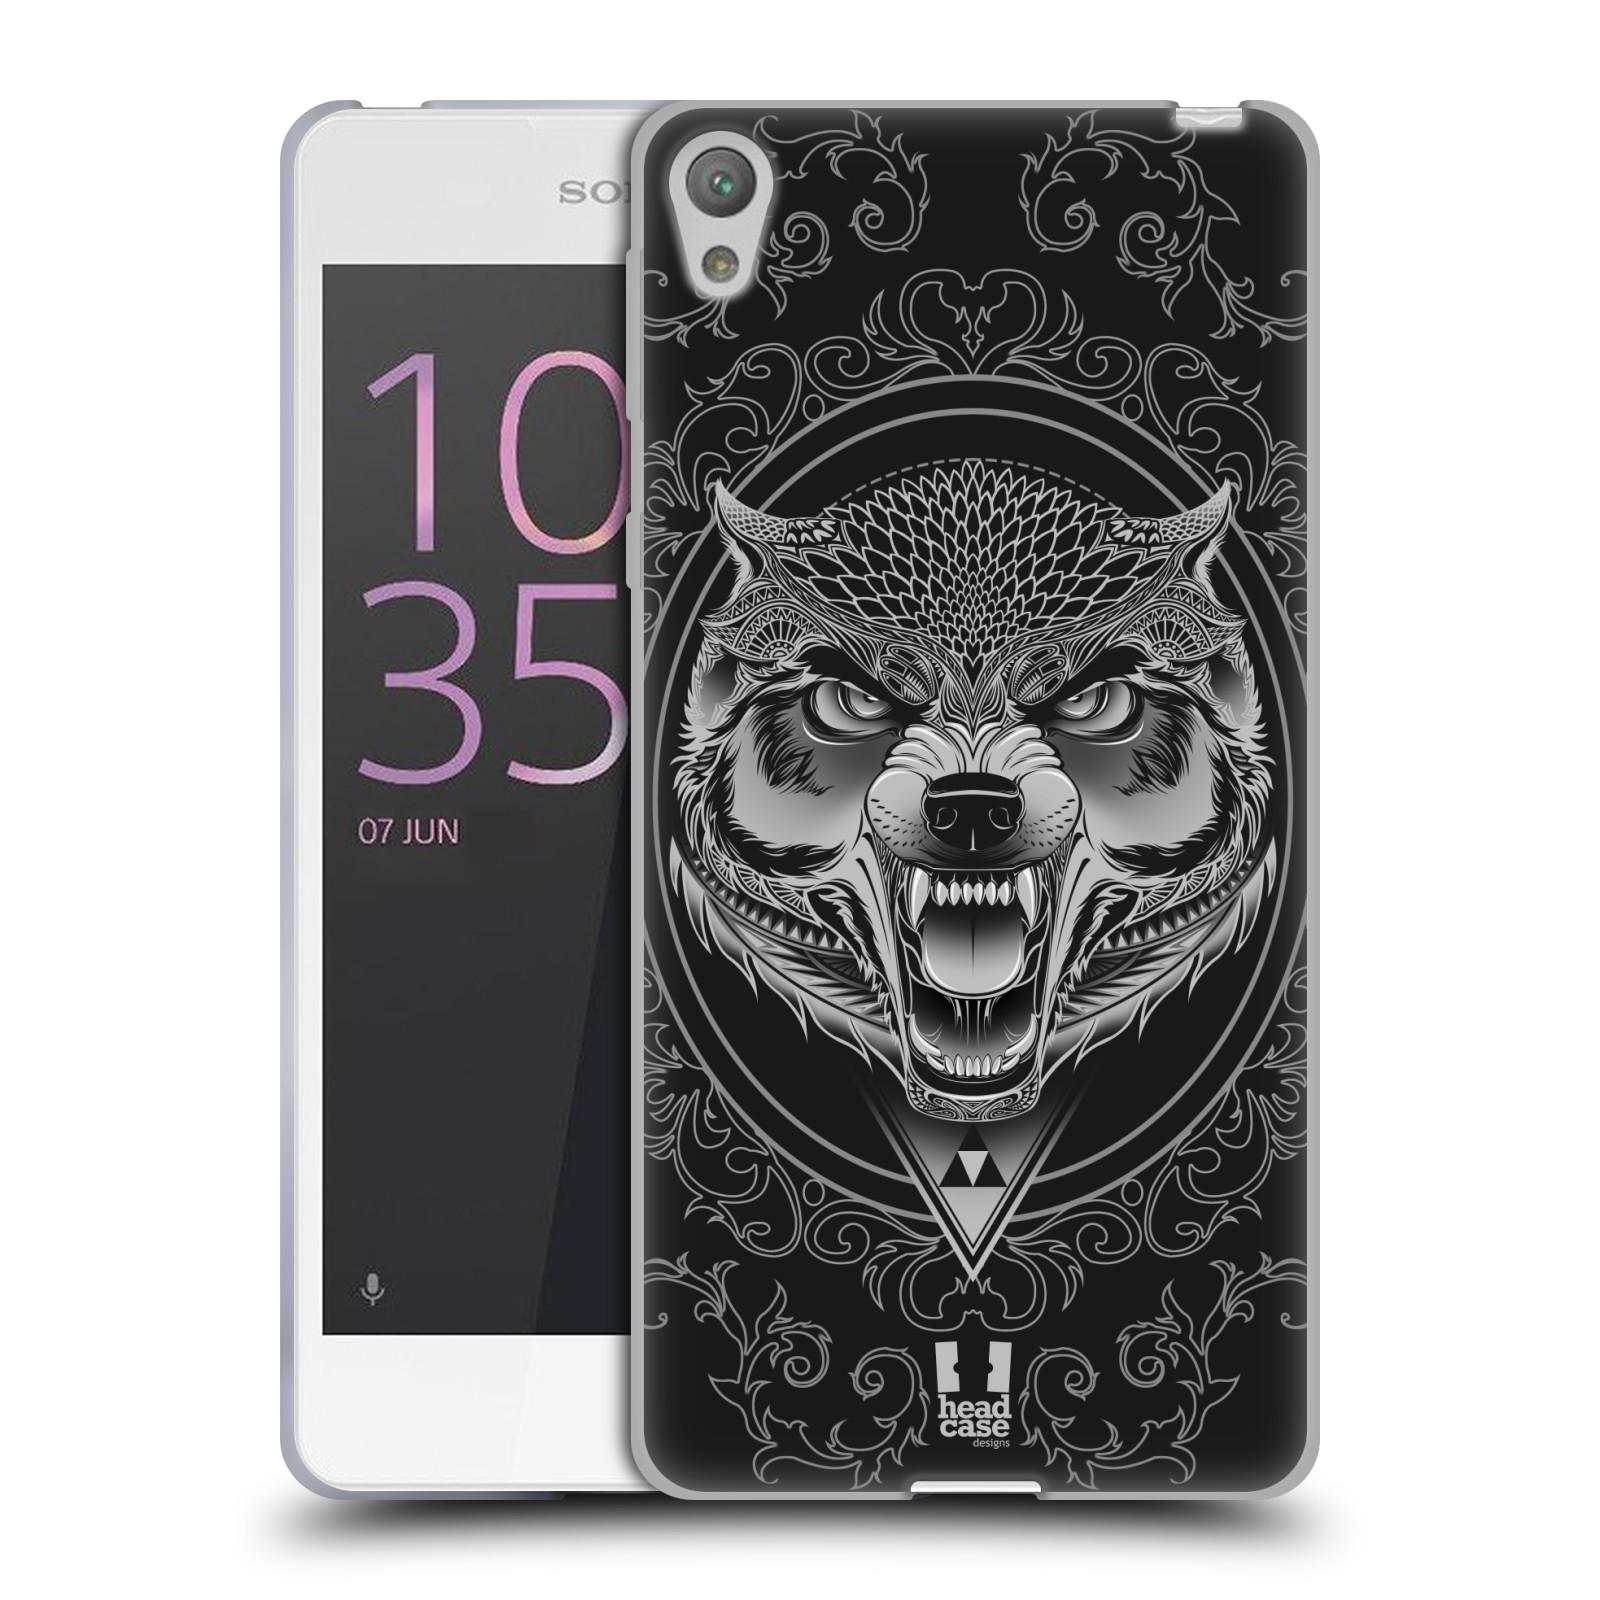 Silikonové pouzdro na mobil Sony Xperia E5 - Head Case - Krutý vlk